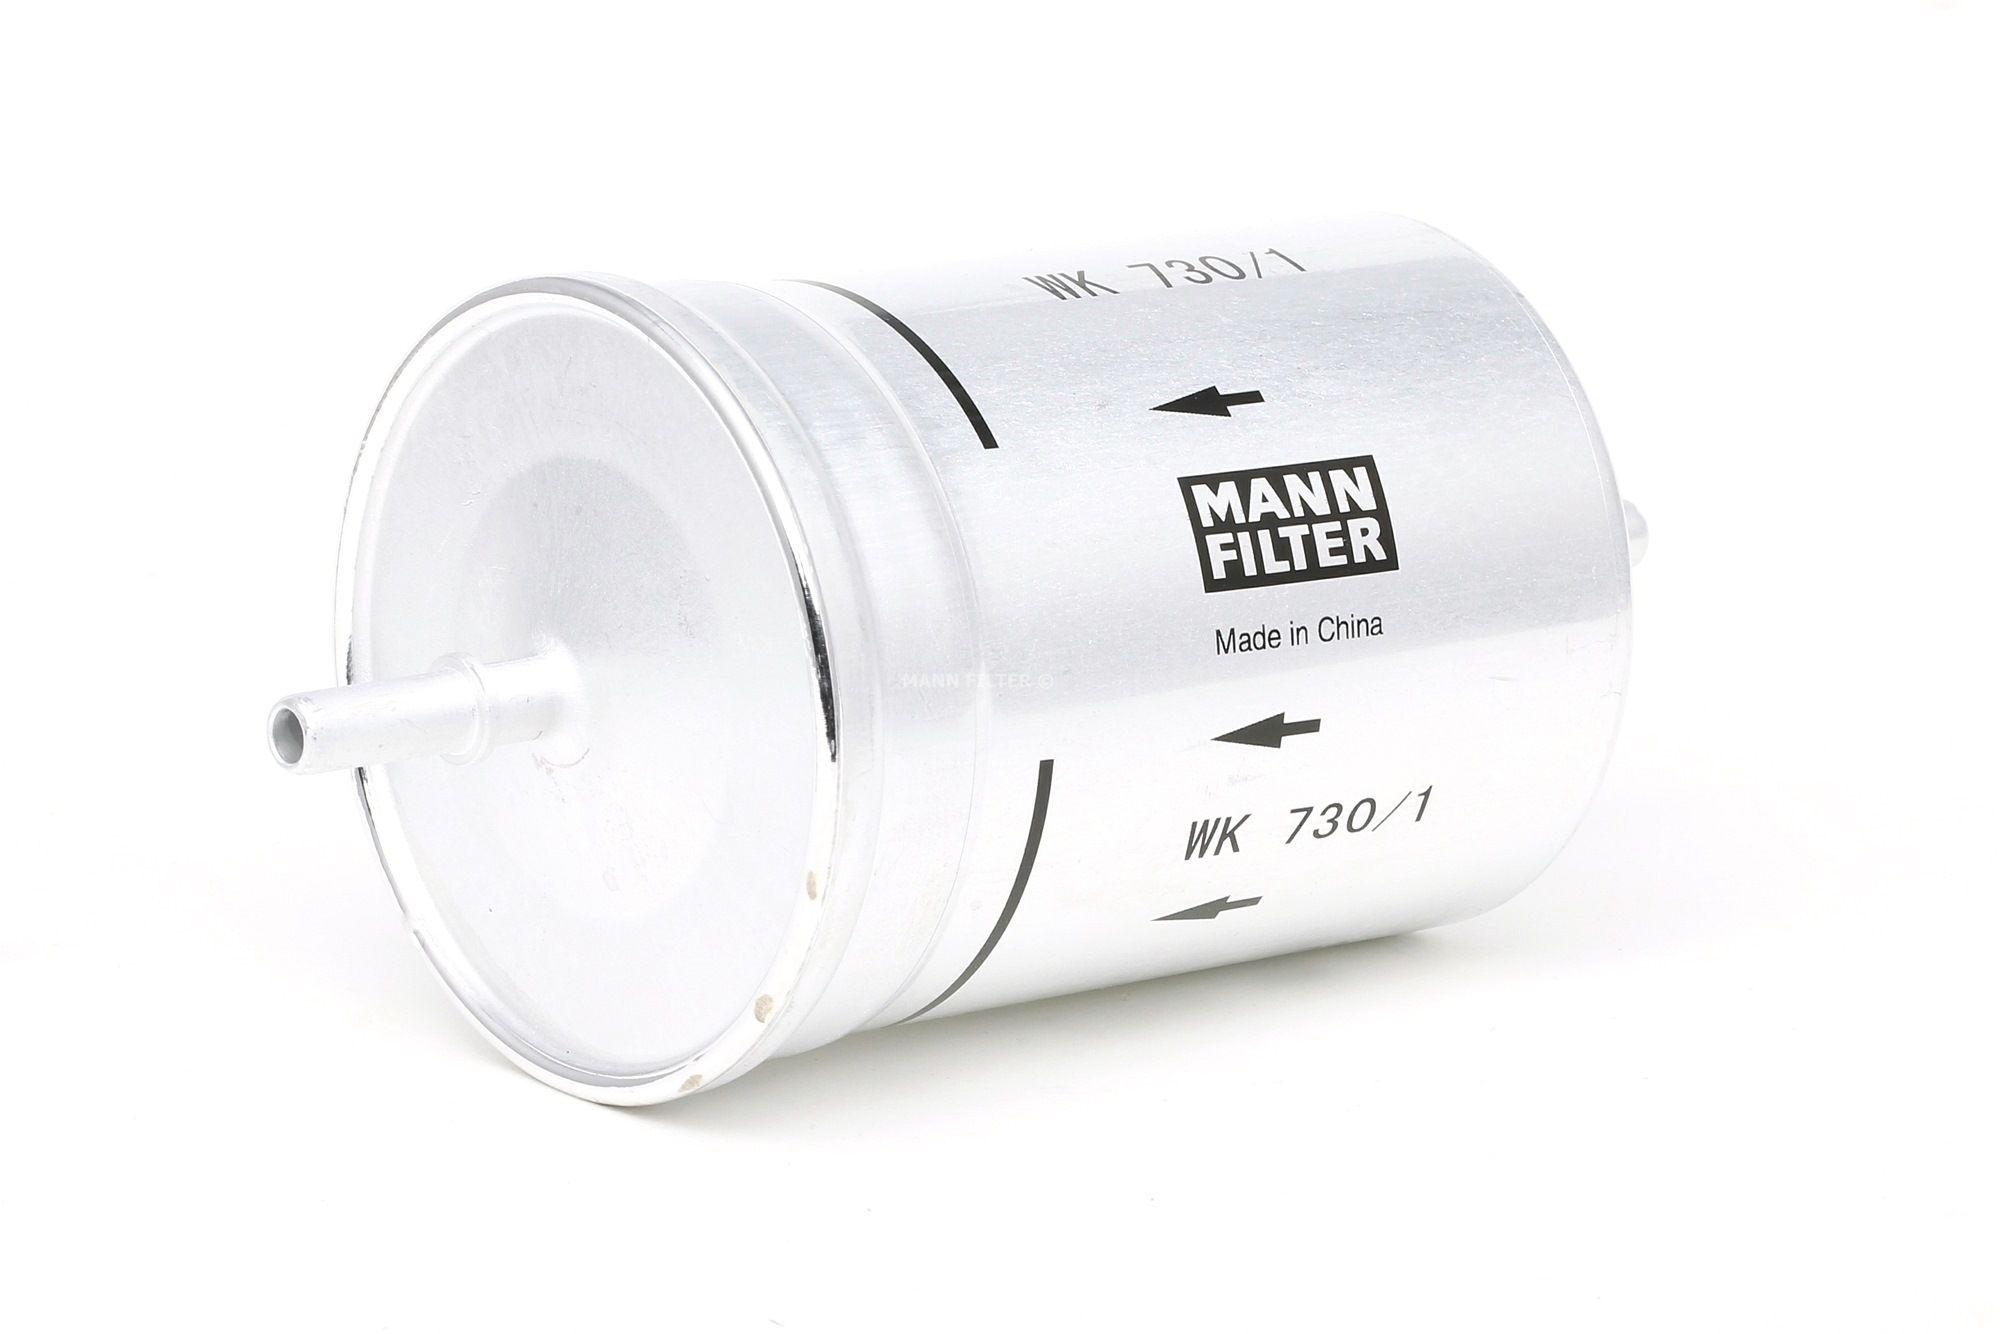 Palivový filtr WK 730/1 s vynikajícím poměrem mezi cenou a MANN-FILTER kvalitou